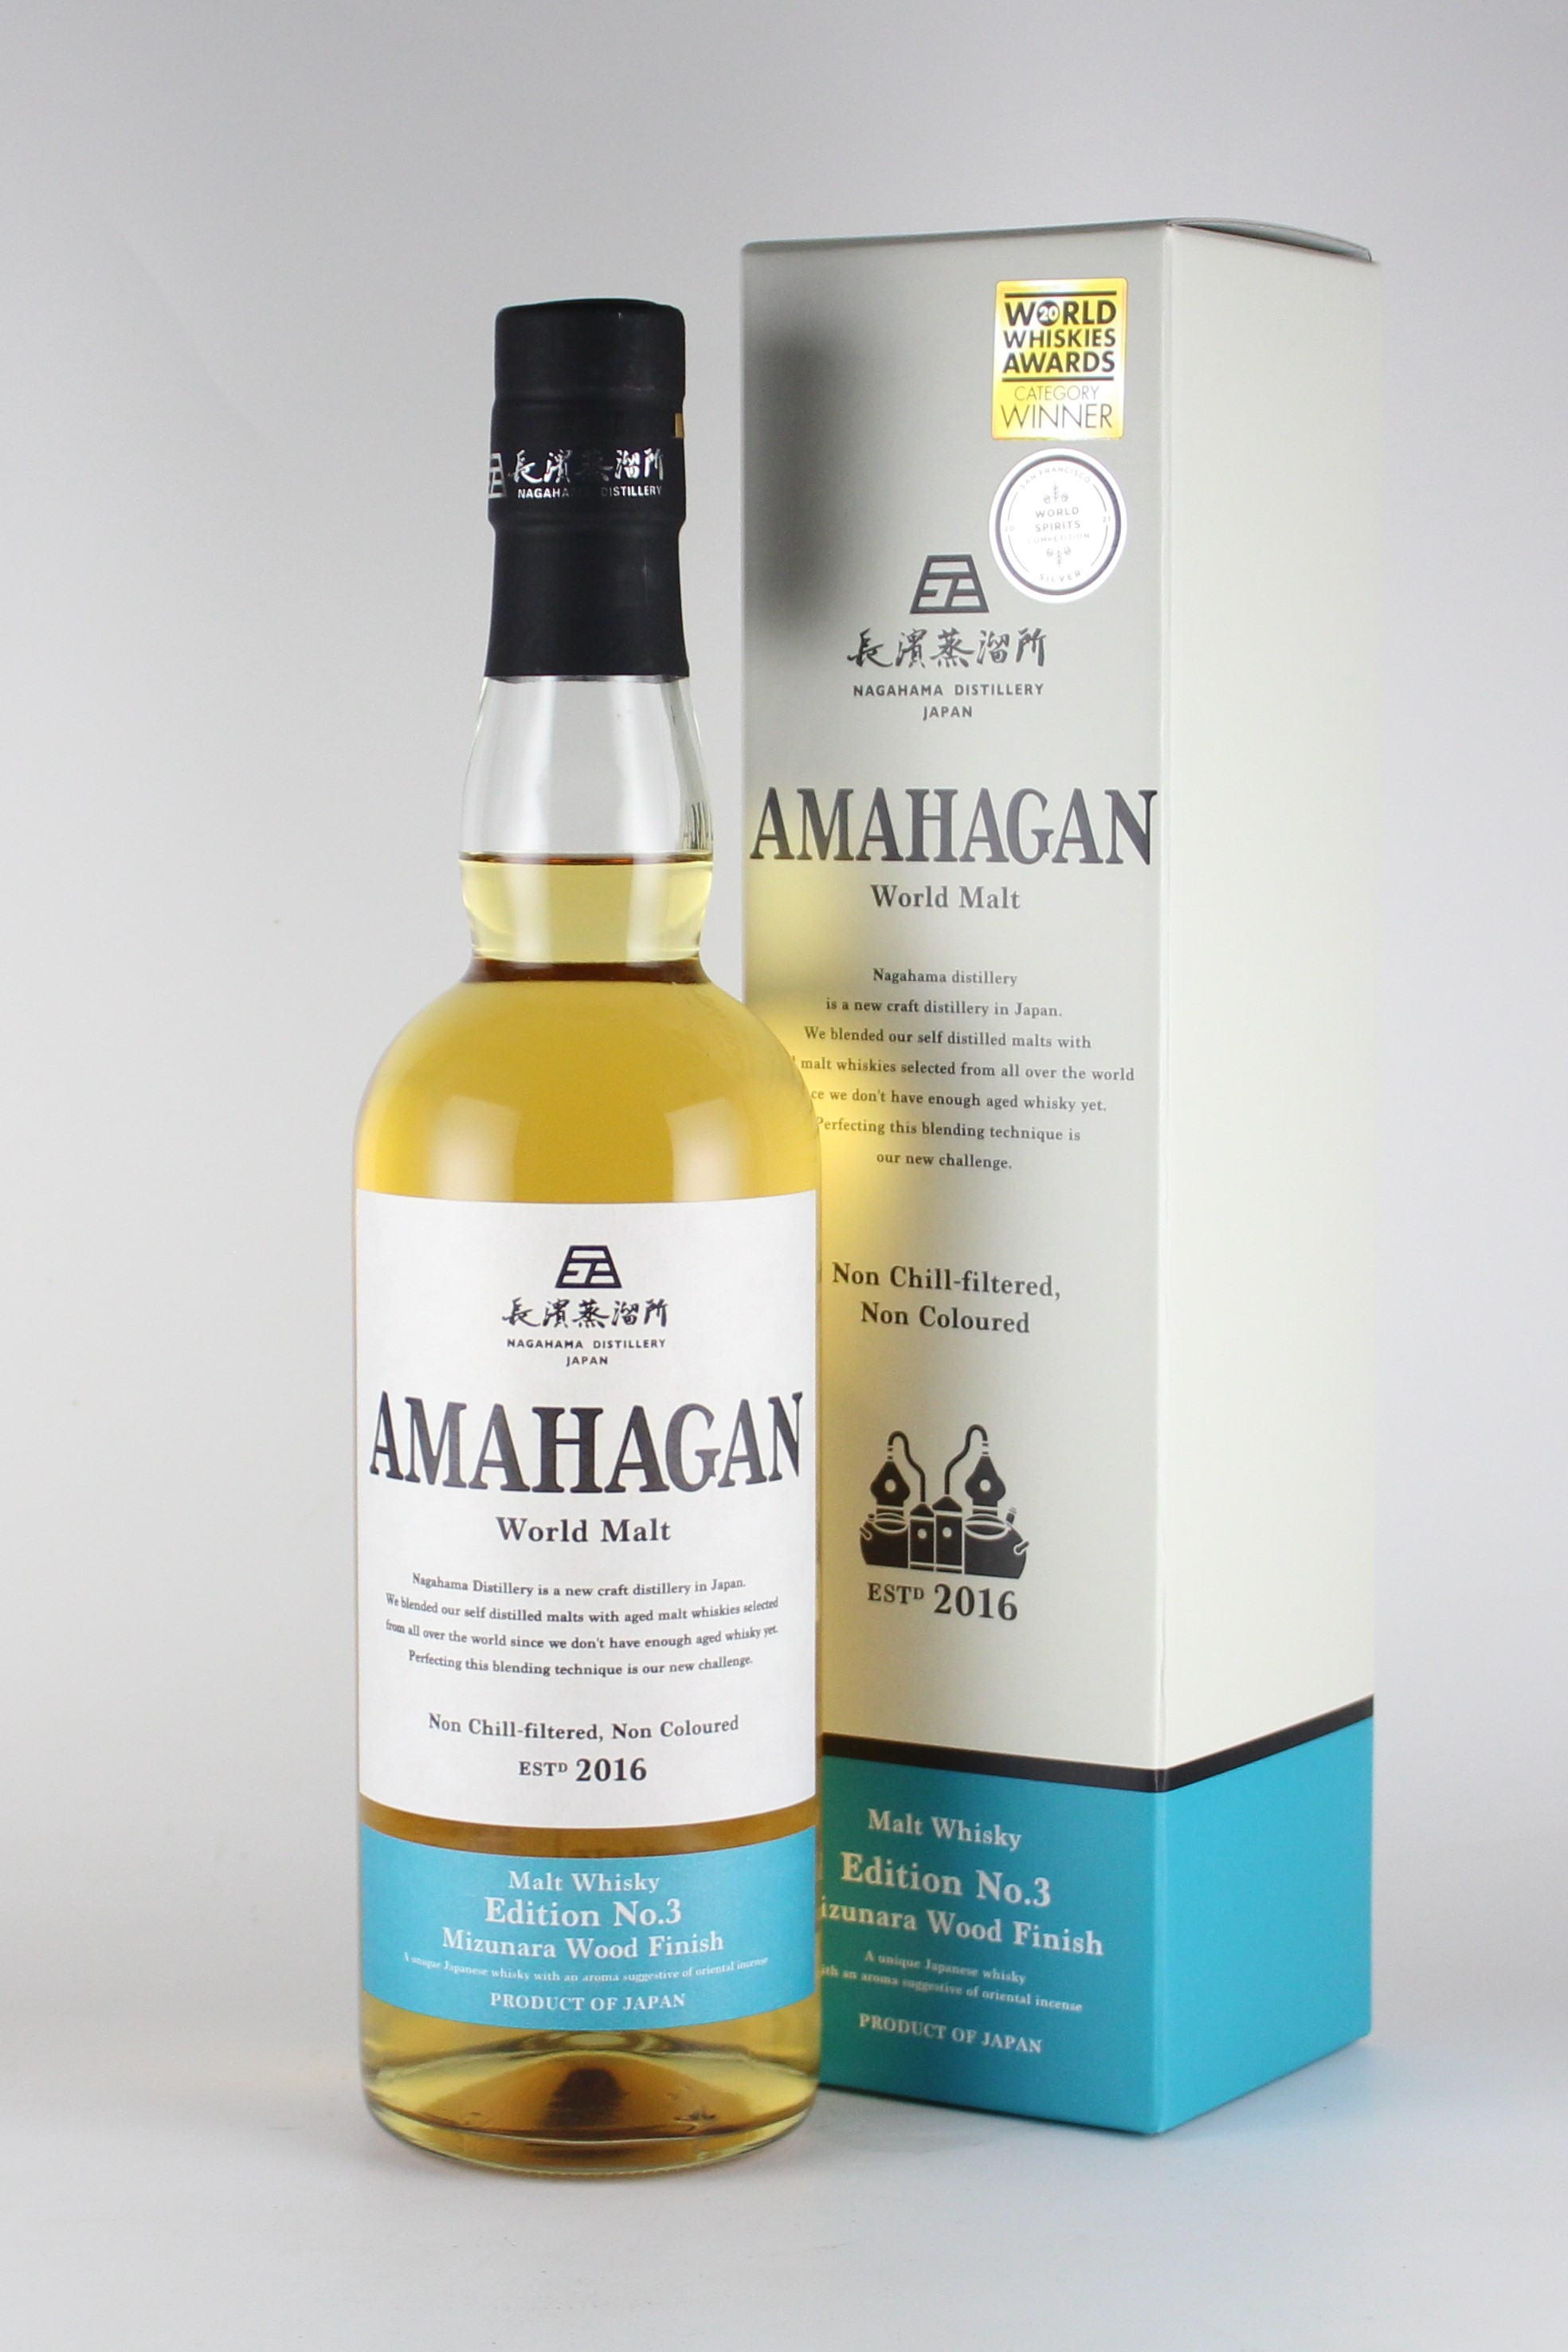 AMAHAGAN World Malt Edition No.3 Mizunara Wood Finish(アマハガン ワールド・モルト・エディションNo.3 ミズナラ・ウッド・フィニッシュ) 47度 700ml 【滋賀/長濱蒸留所】